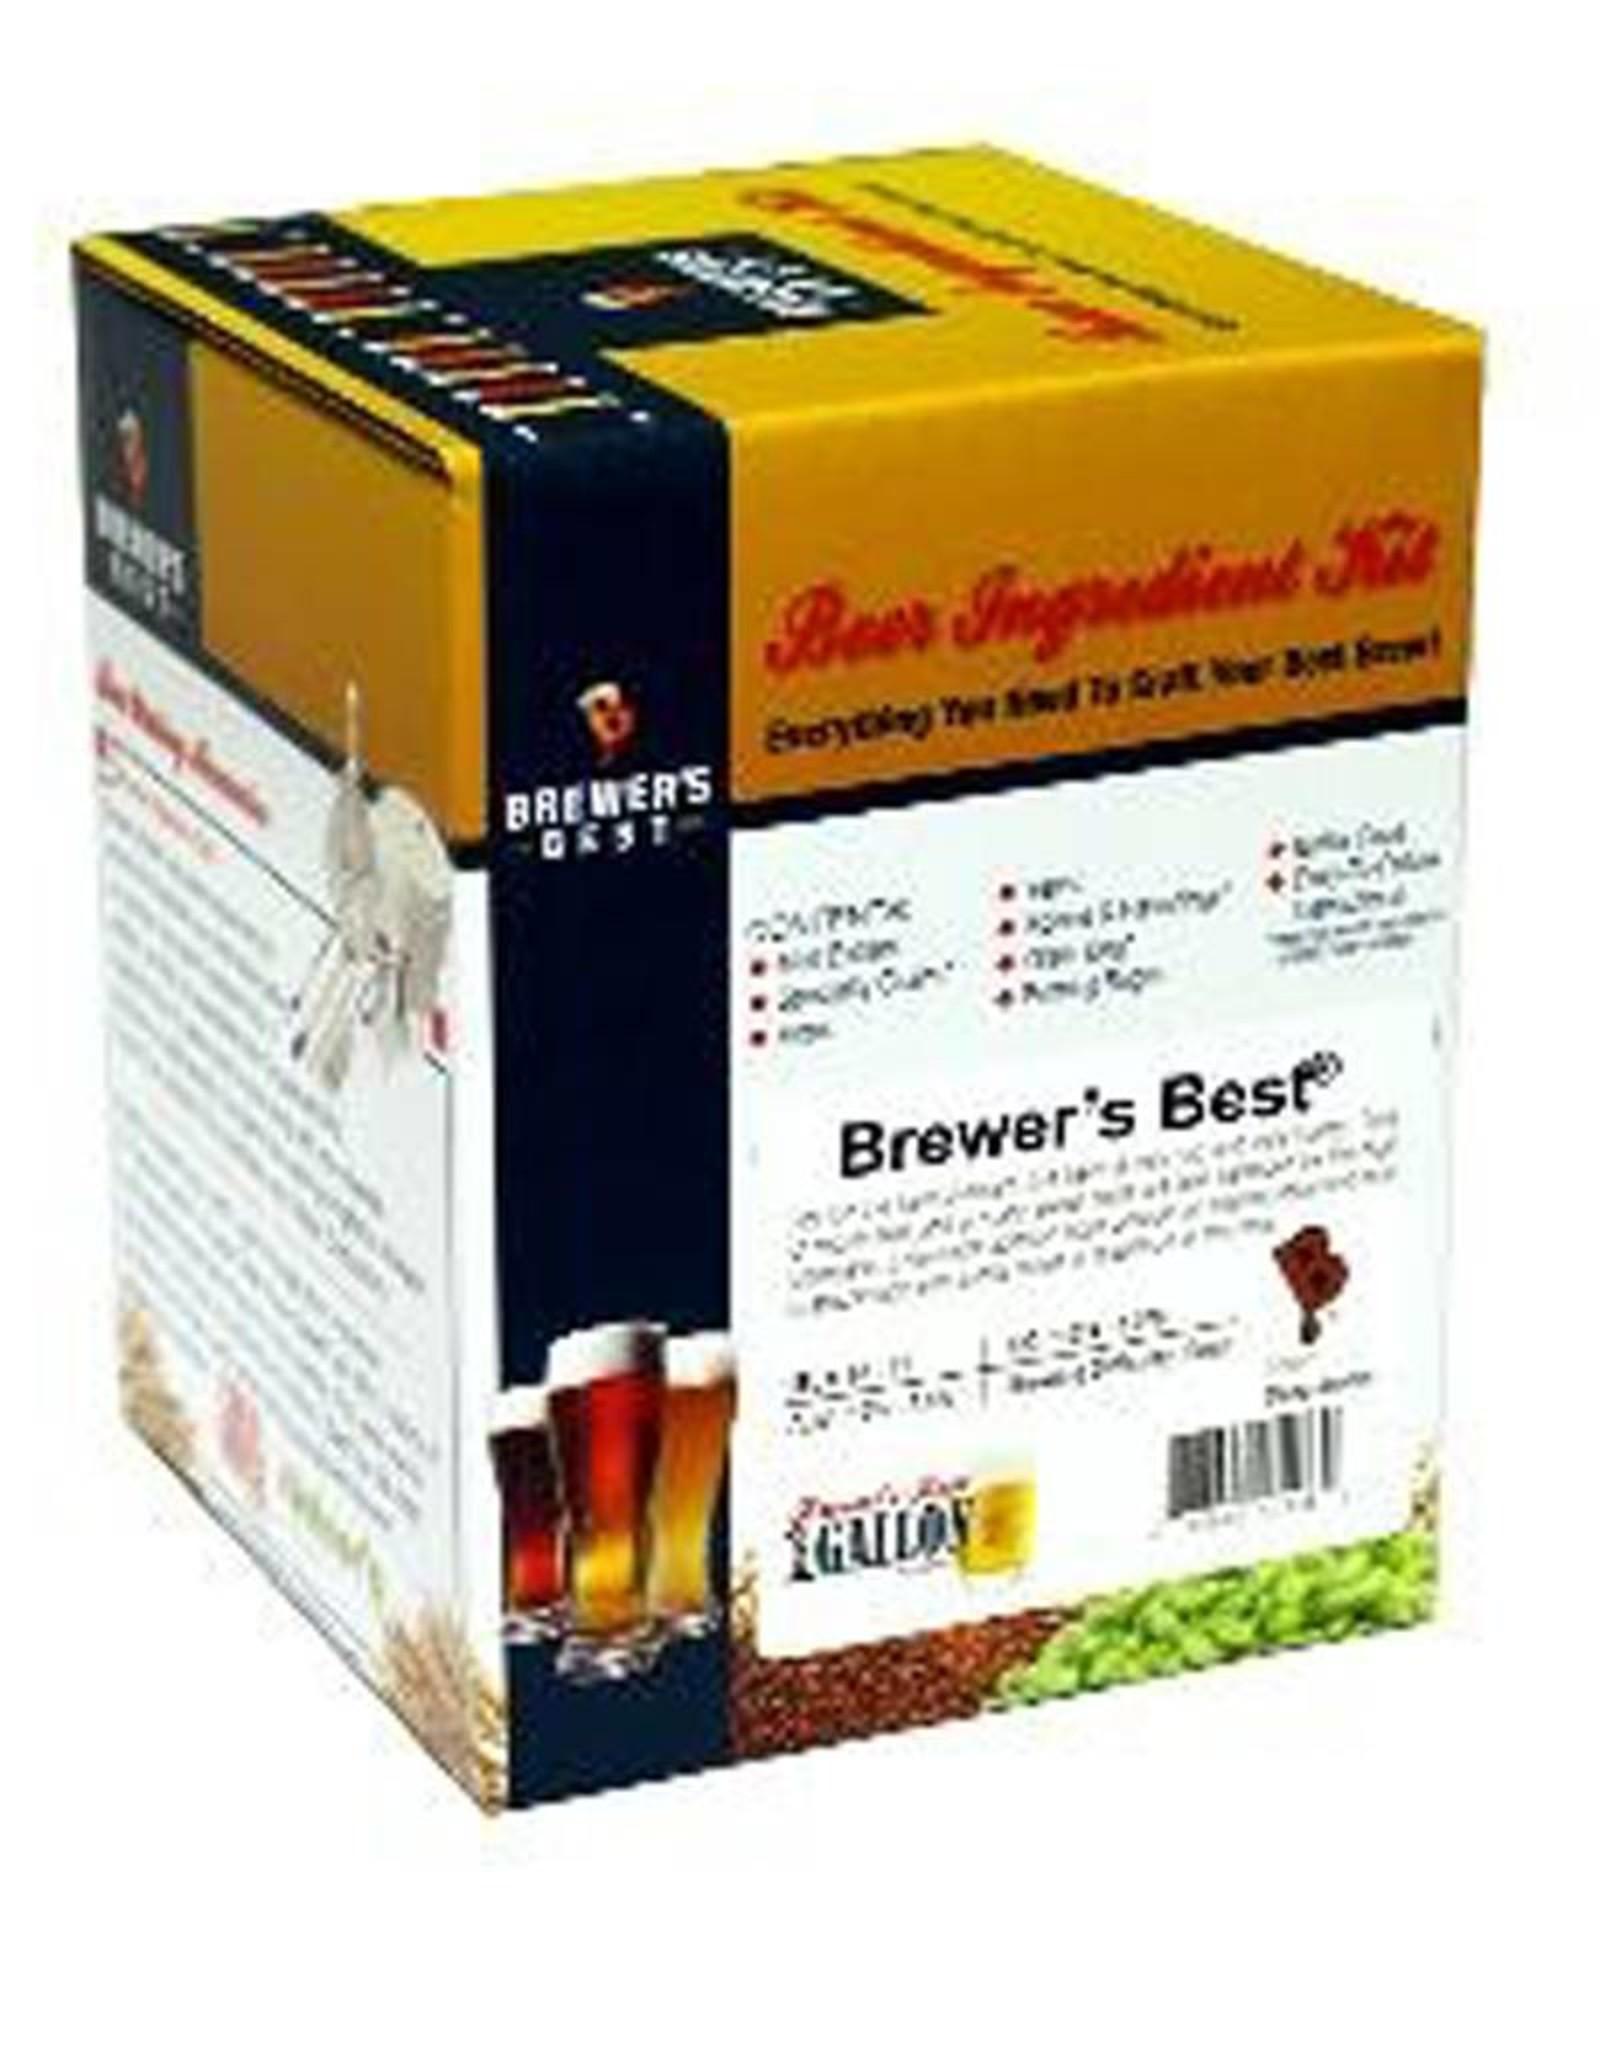 Brewer's Best Gluten Free ingredient Kit